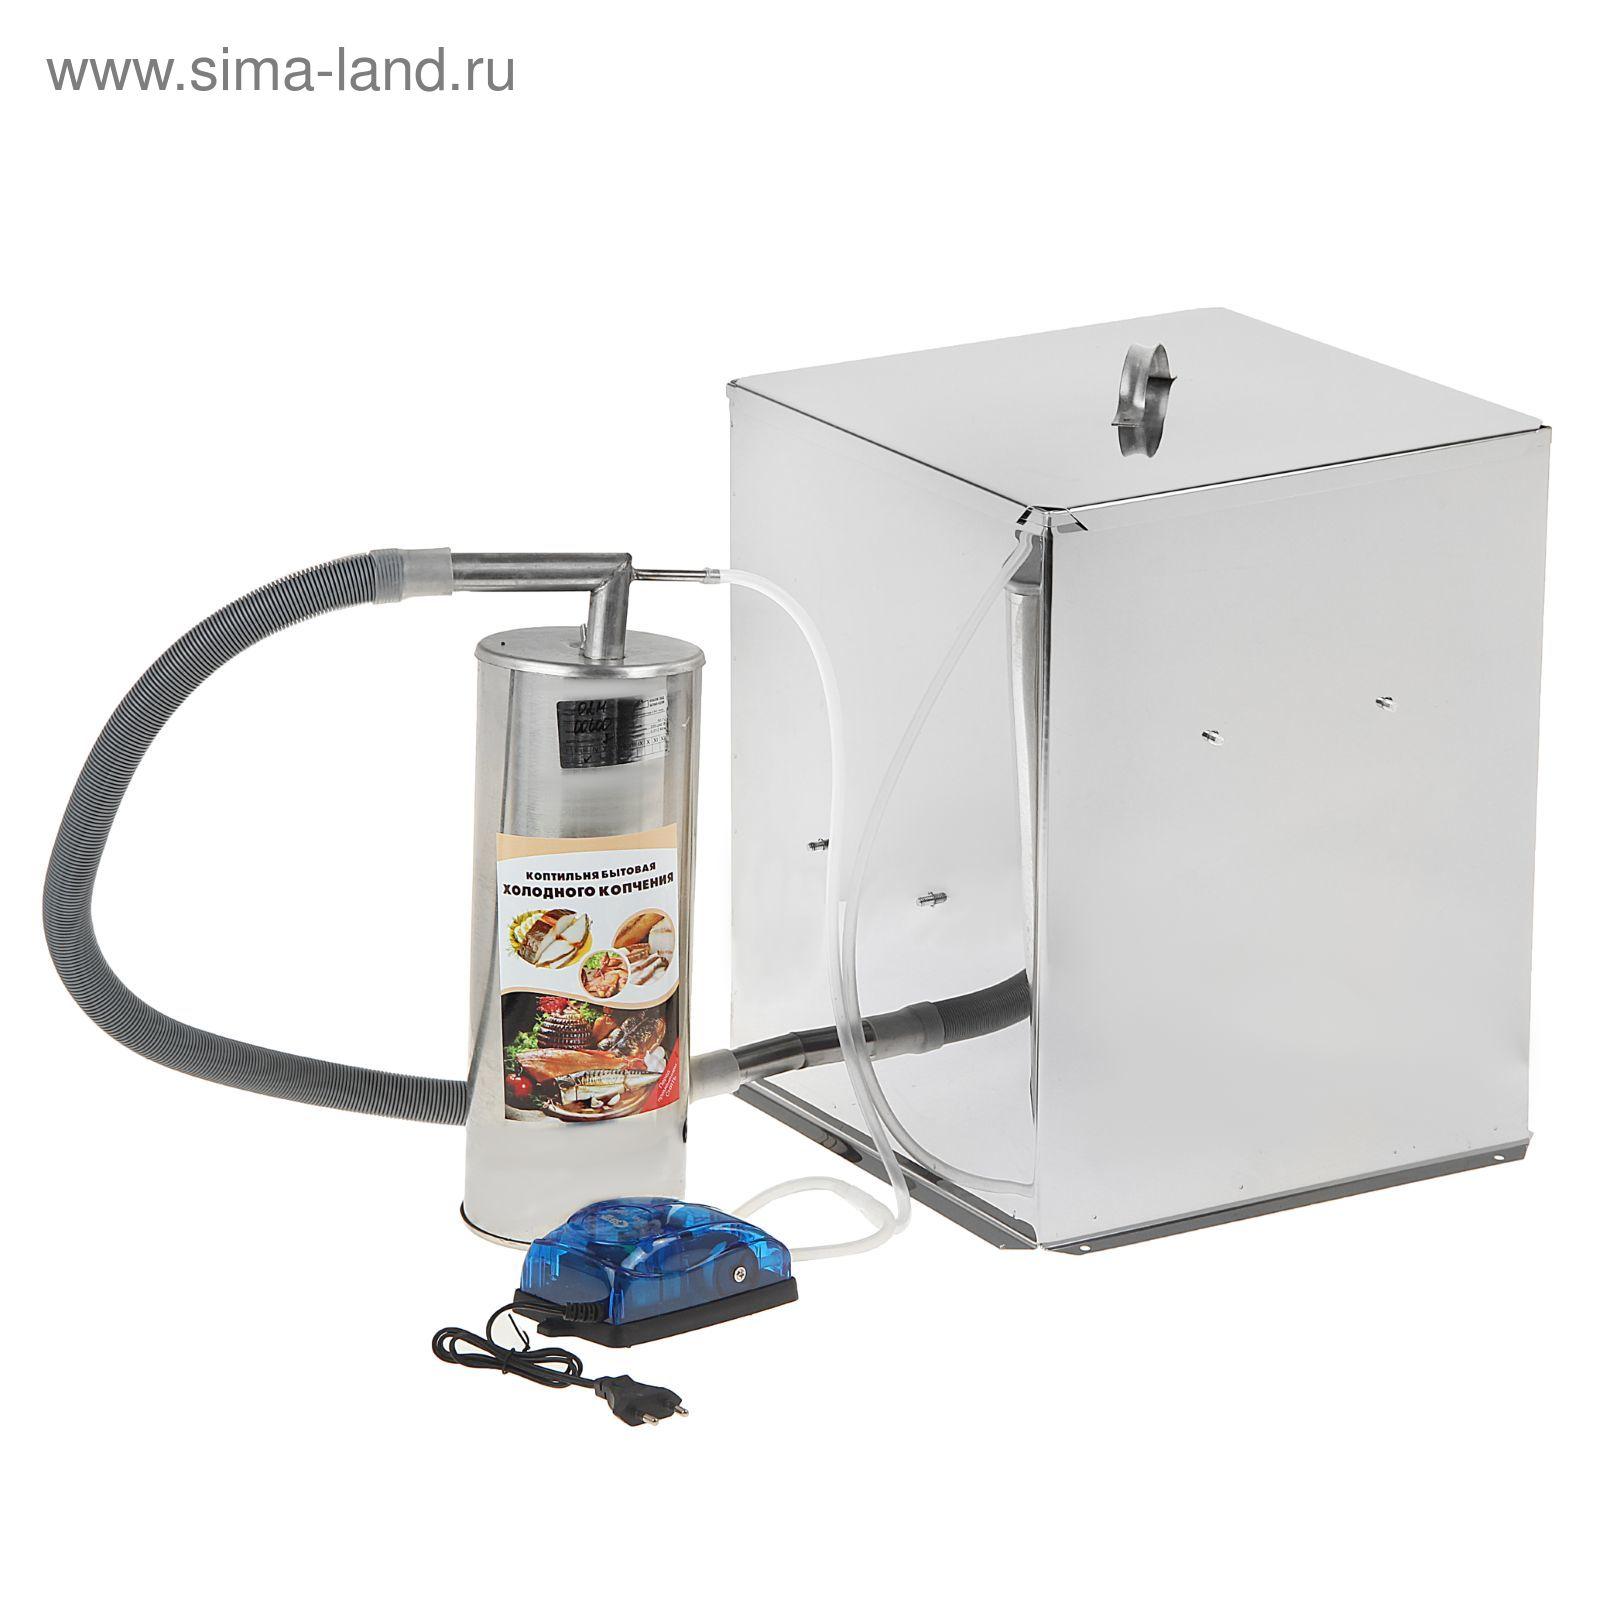 Купить коптильню холодного копчения в москве цена электрическую купить самогонный аппарат самовар